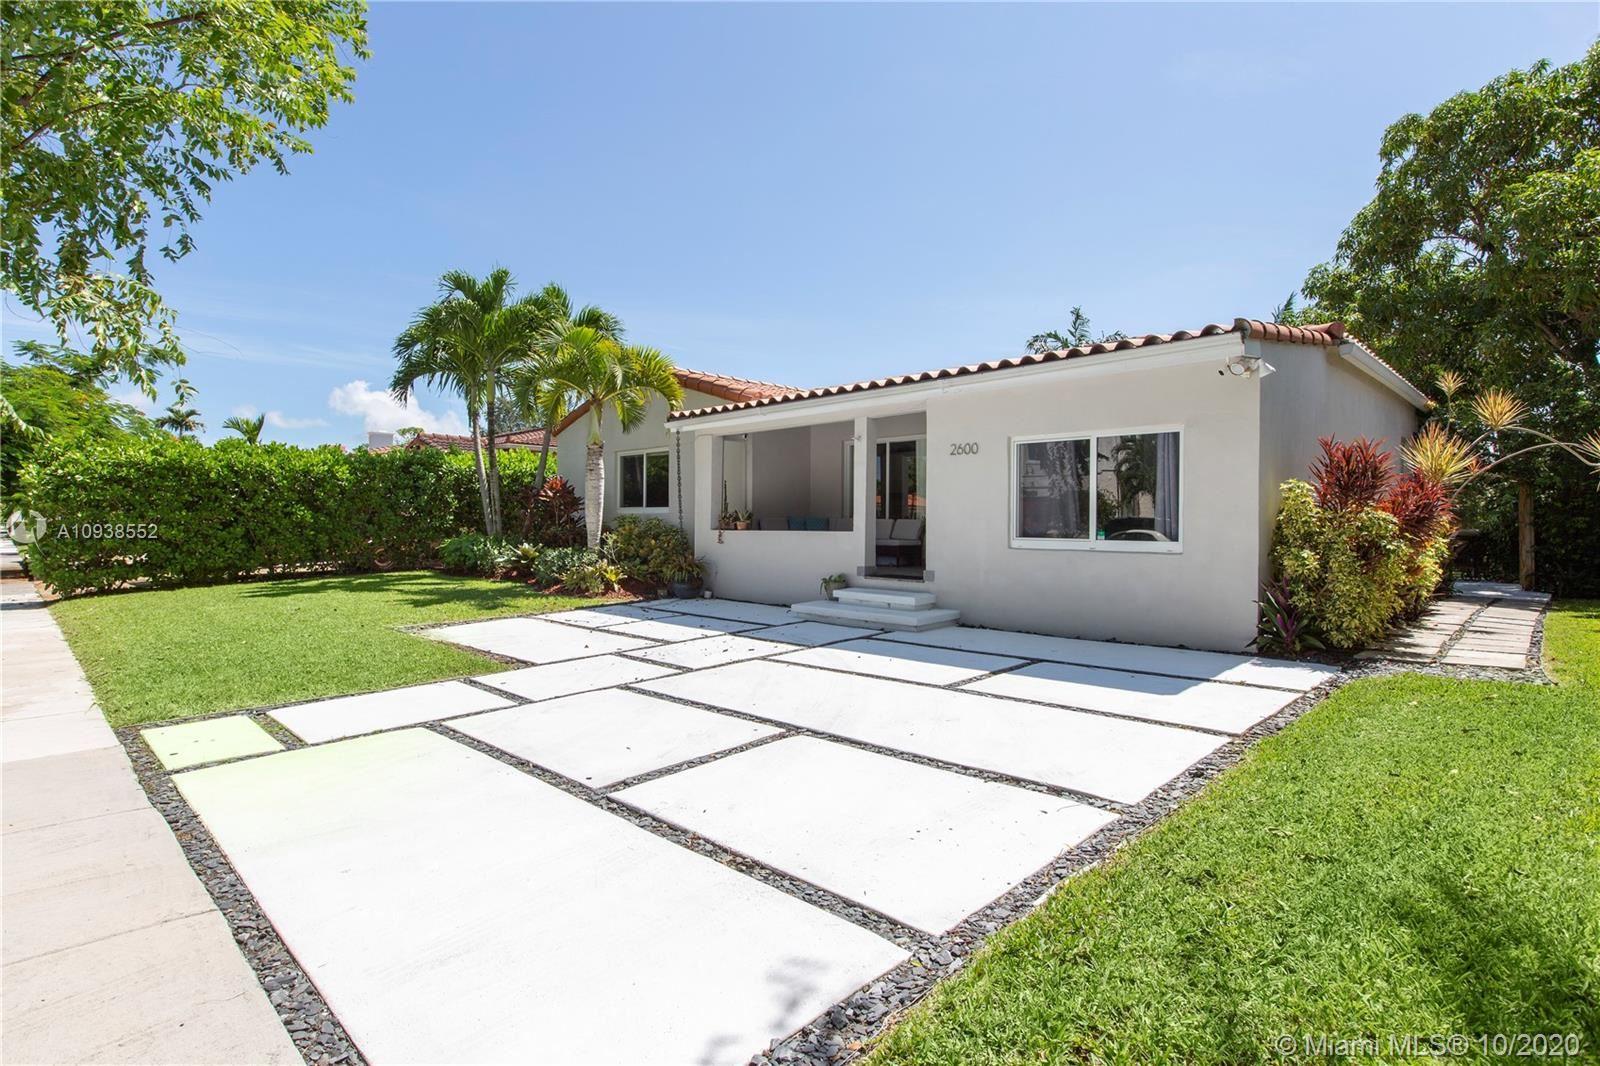 2600 SW 24th Ter, Miami, FL 33145 - #: A10938552